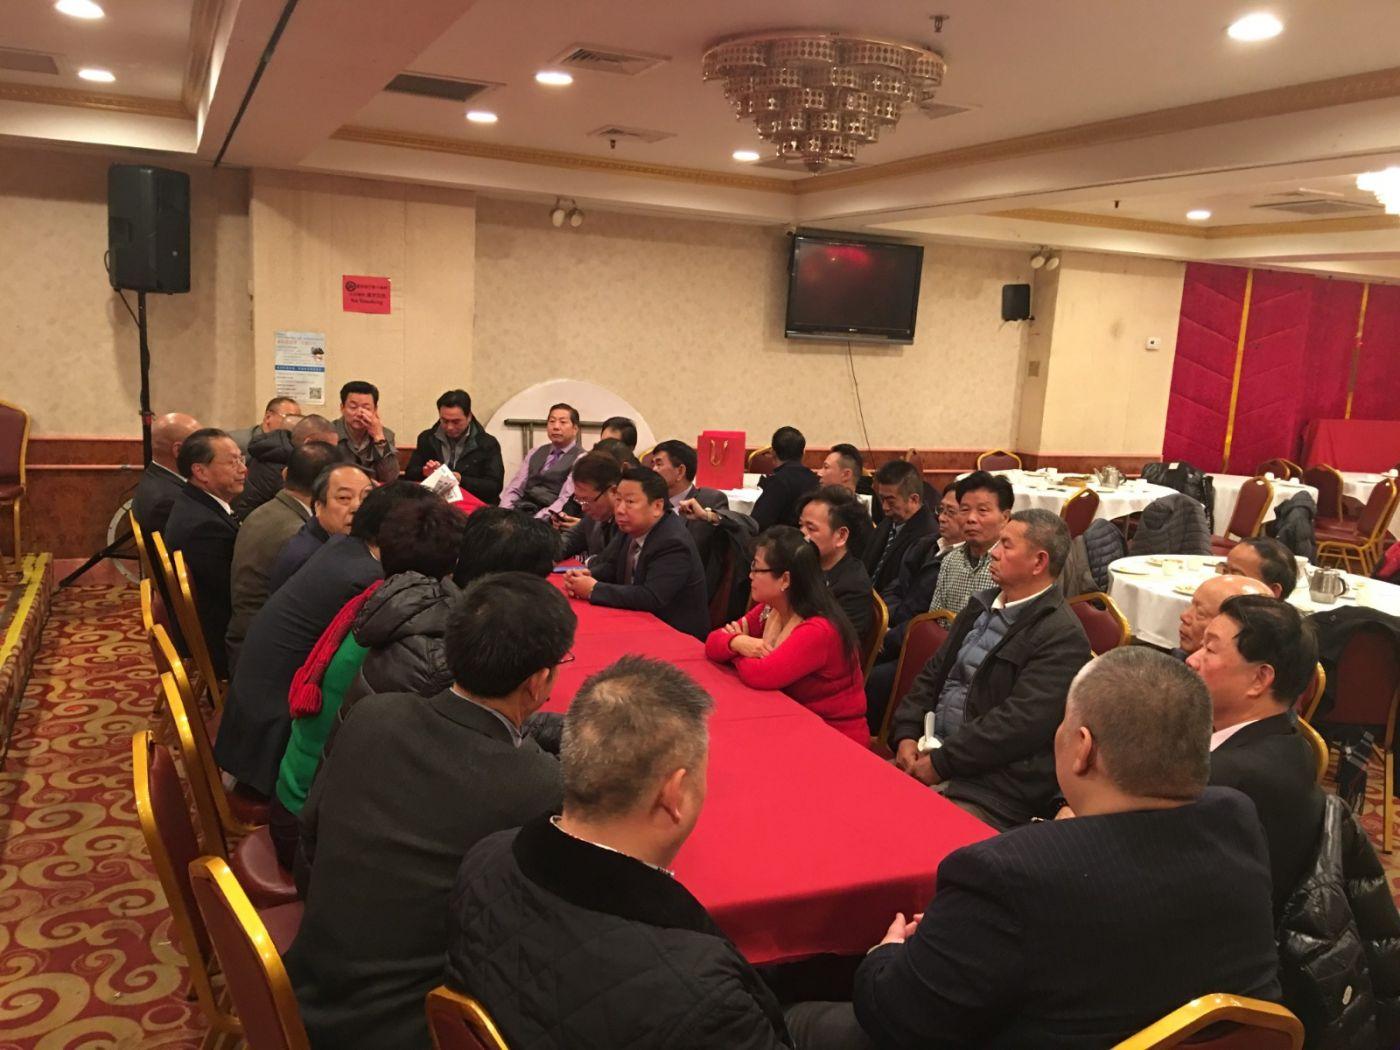 紐約華人華僑維護香港穩定繁榮座談會在紐約舉行_图1-4